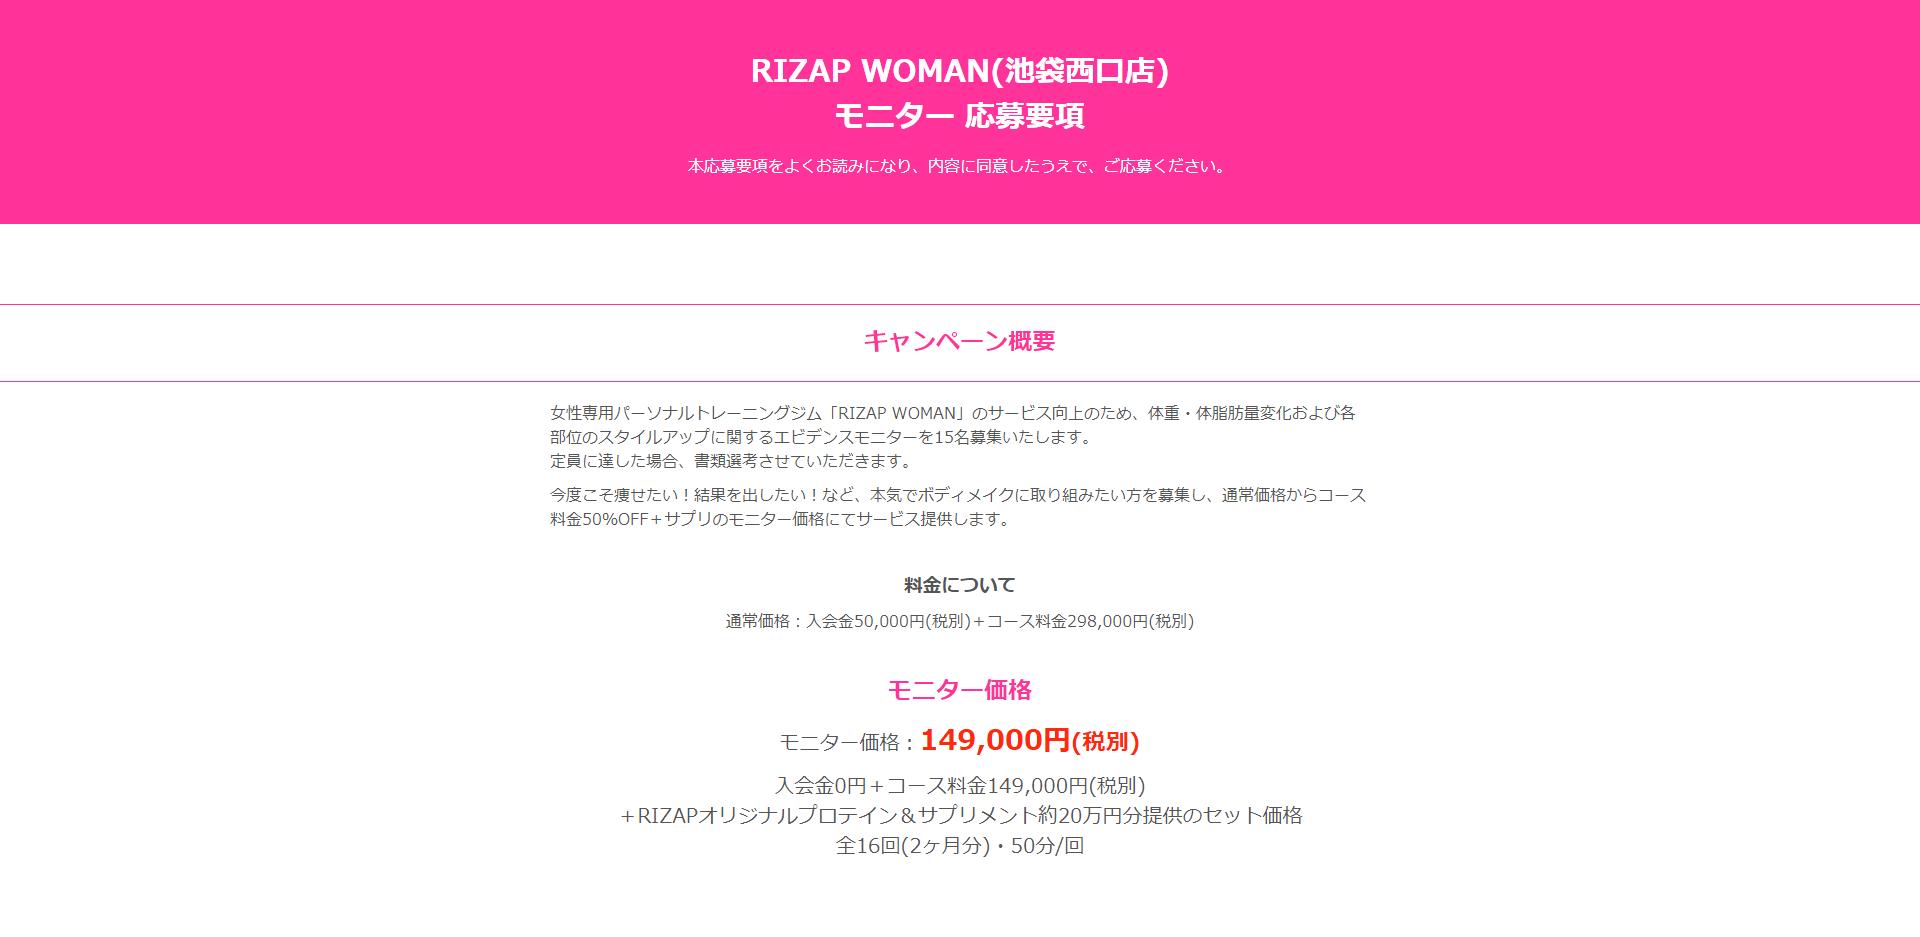 RIZAP WOMAN(ライザップウーマン)のキャンペーン情報